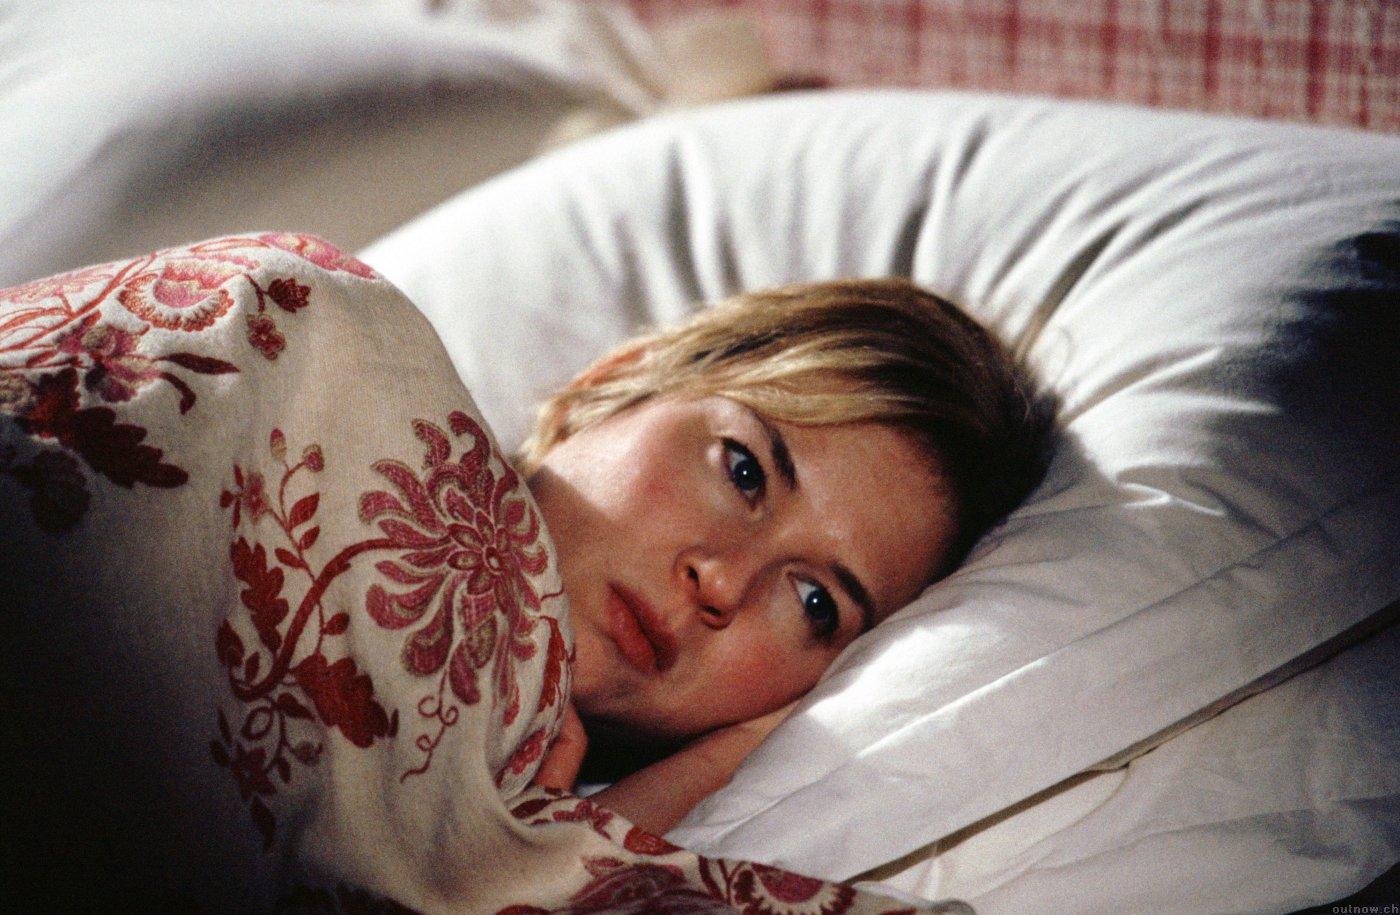 7 Hal yang Membuat Wanita Jomblo (Semakin) Sedih